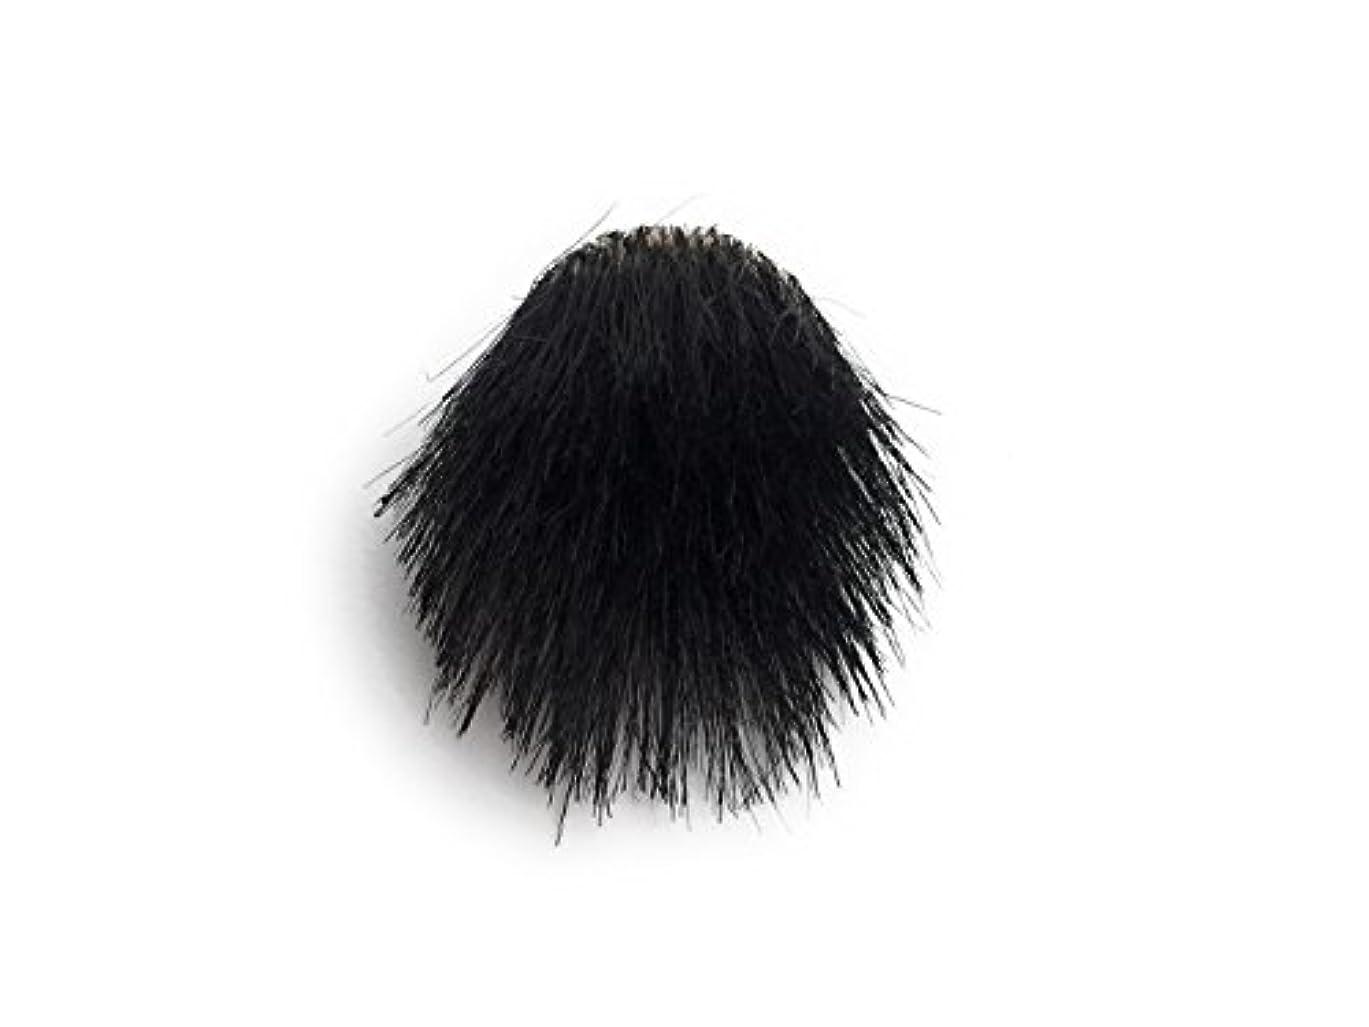 プロフィール過度に位置するミニサイズの短髪?刈り上げ用部分ウィッグ(側面?後頭部タイプ) ミニサイズ(本体直径1.9㎝) ブラック色 本体3個入+低刺激ミニサイズ専用シール40個付属(予備含む)※円形脱毛部分が直径1.9cm(1円硬貨サイズ)?2.1cm...